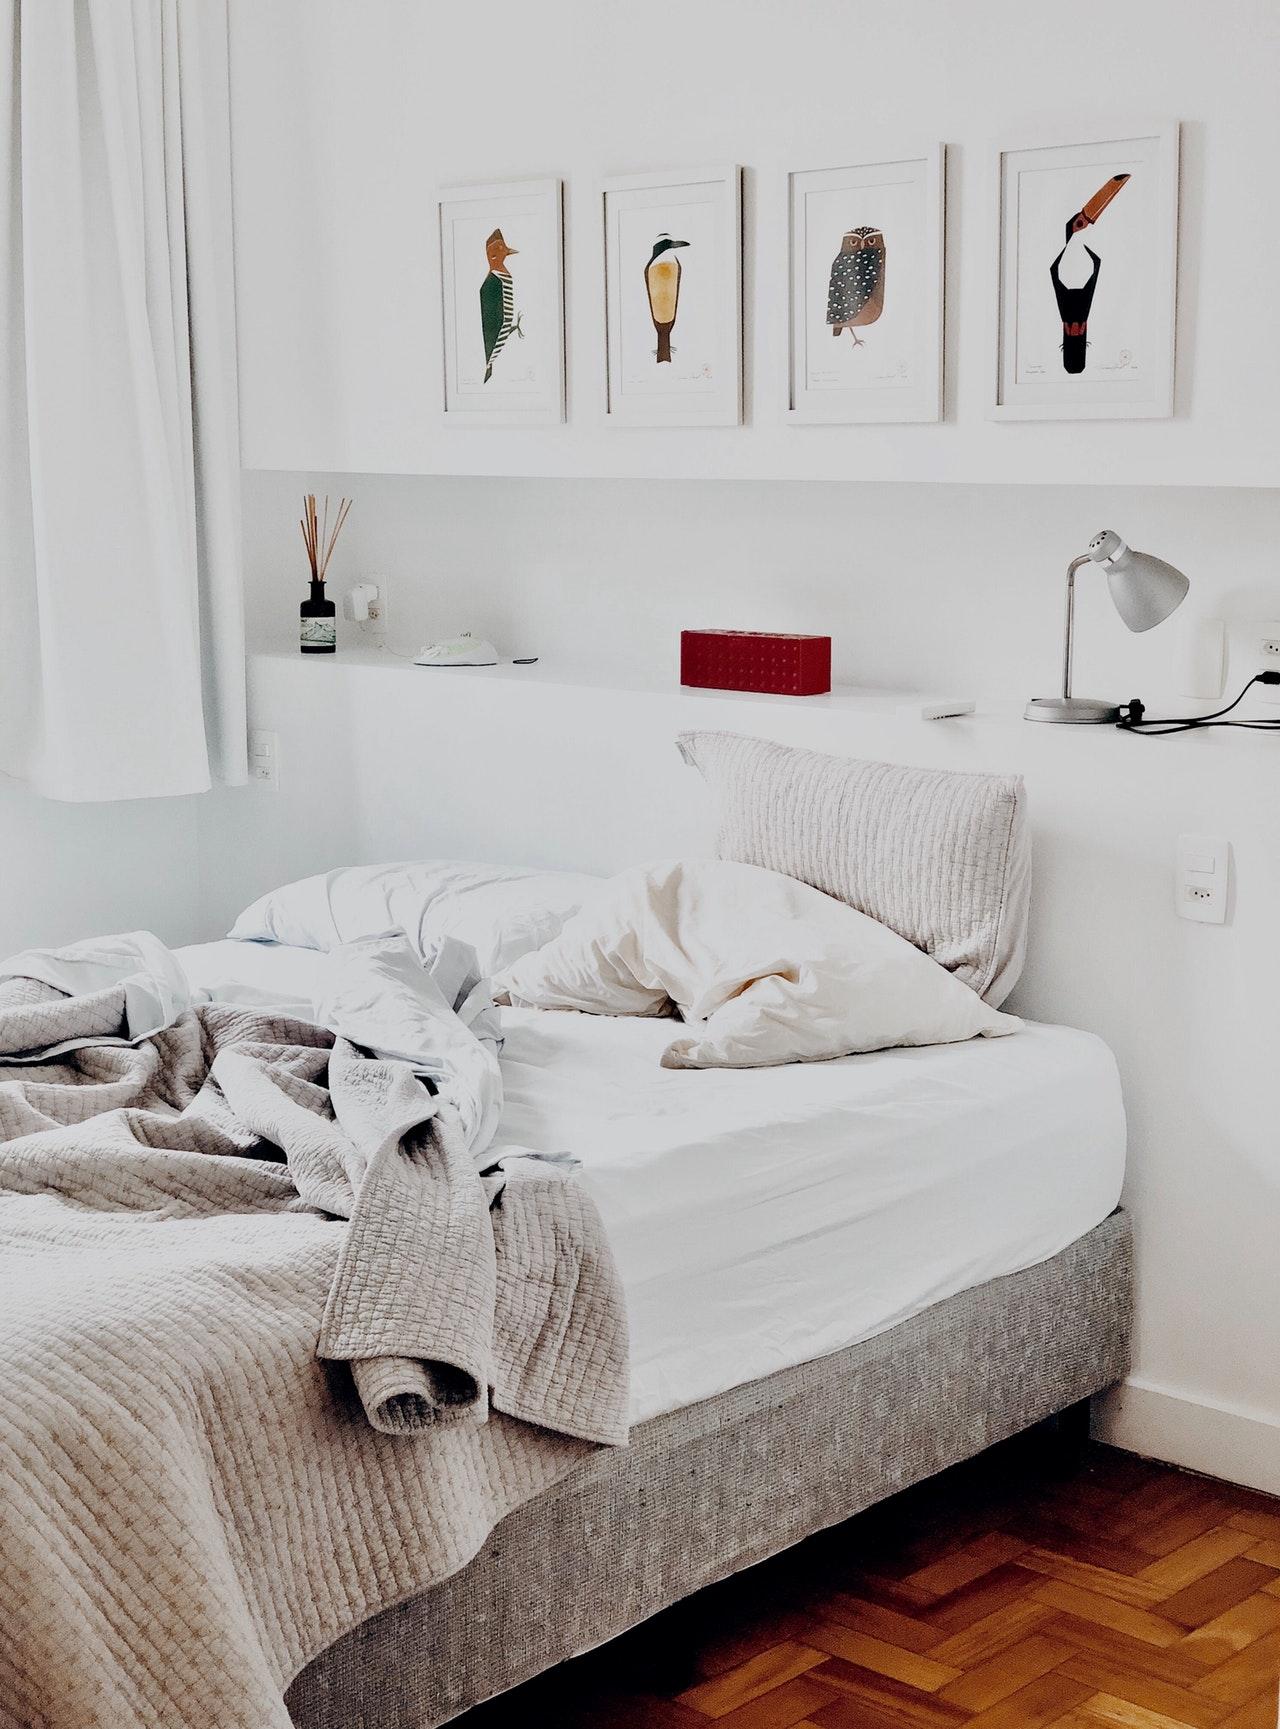 Hoe vaak moet je je lakens verschonen? #slaapkamer #beddengoed